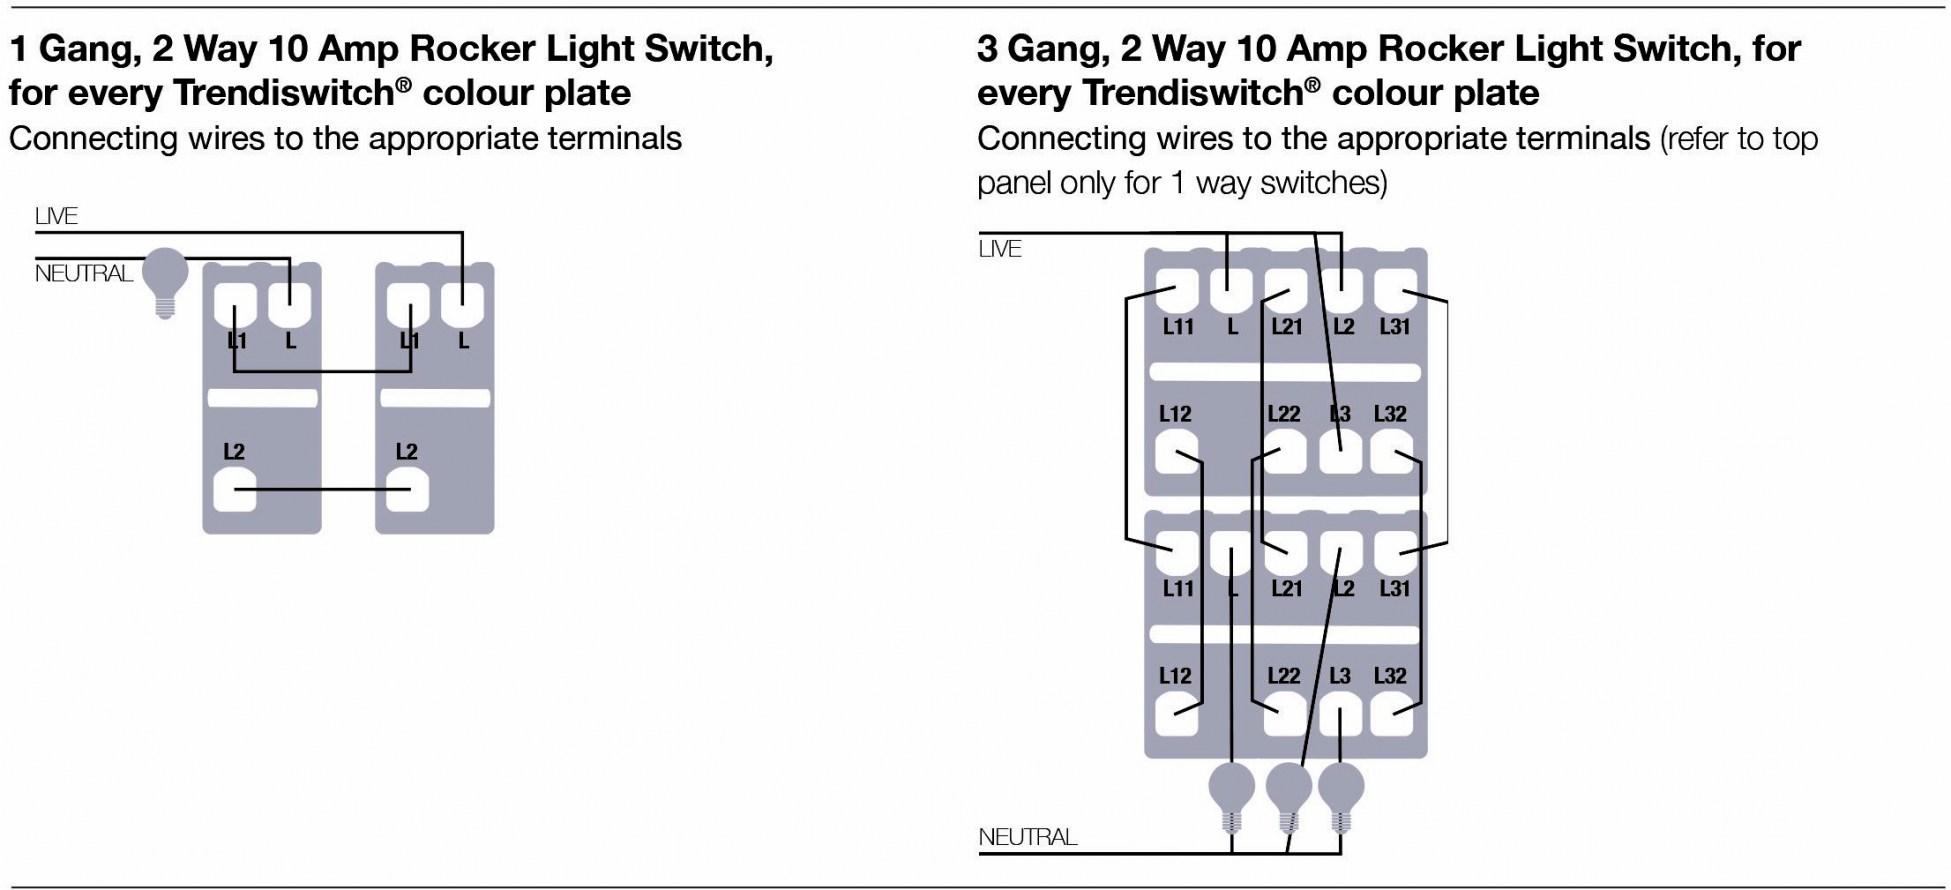 SZ_4273] Wiring Diagram For 3 Gang 2 Way Light Switch Schematic Wiring | Two Gang Schematic Wiring Diagram Free Download |  | Caba Expe Elae Coun Orsal Ginou Sputa Oupli Pala Antus Tixat Rosz Trons  Mohammedshrine Librar Wiring 101